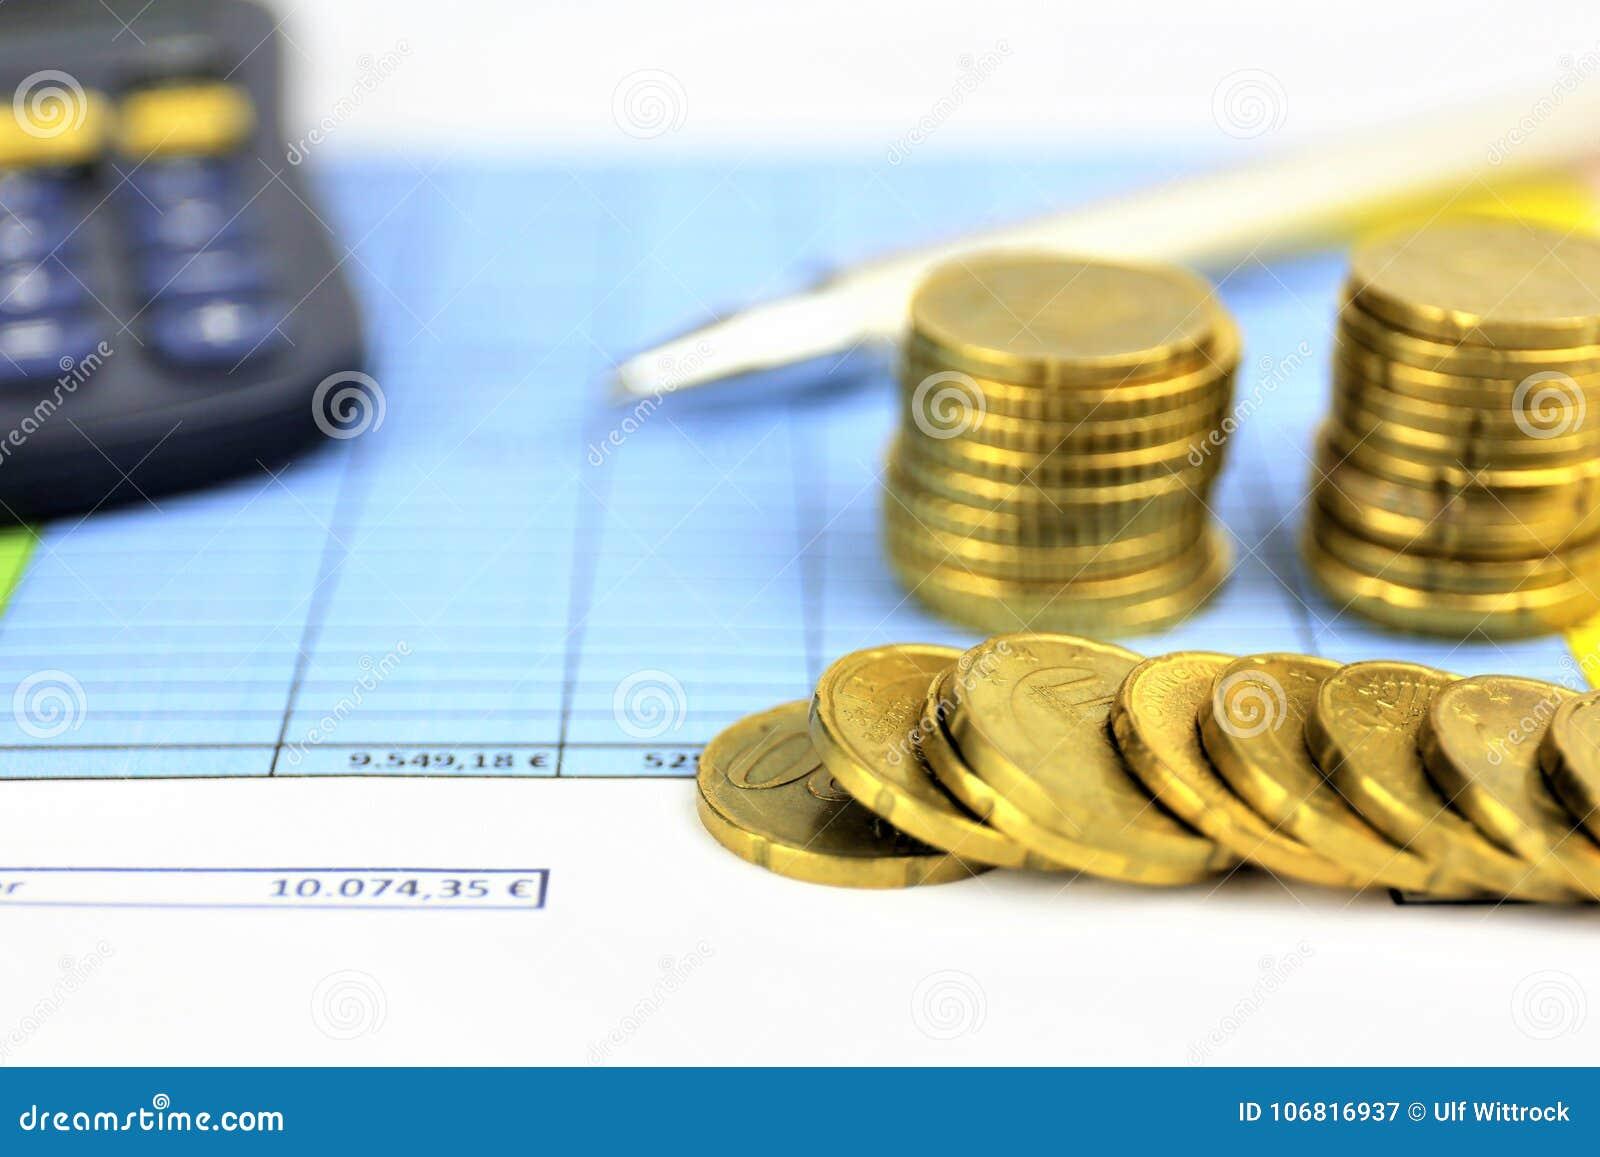 En begreppsbild av pengar, räknemaskin, penna